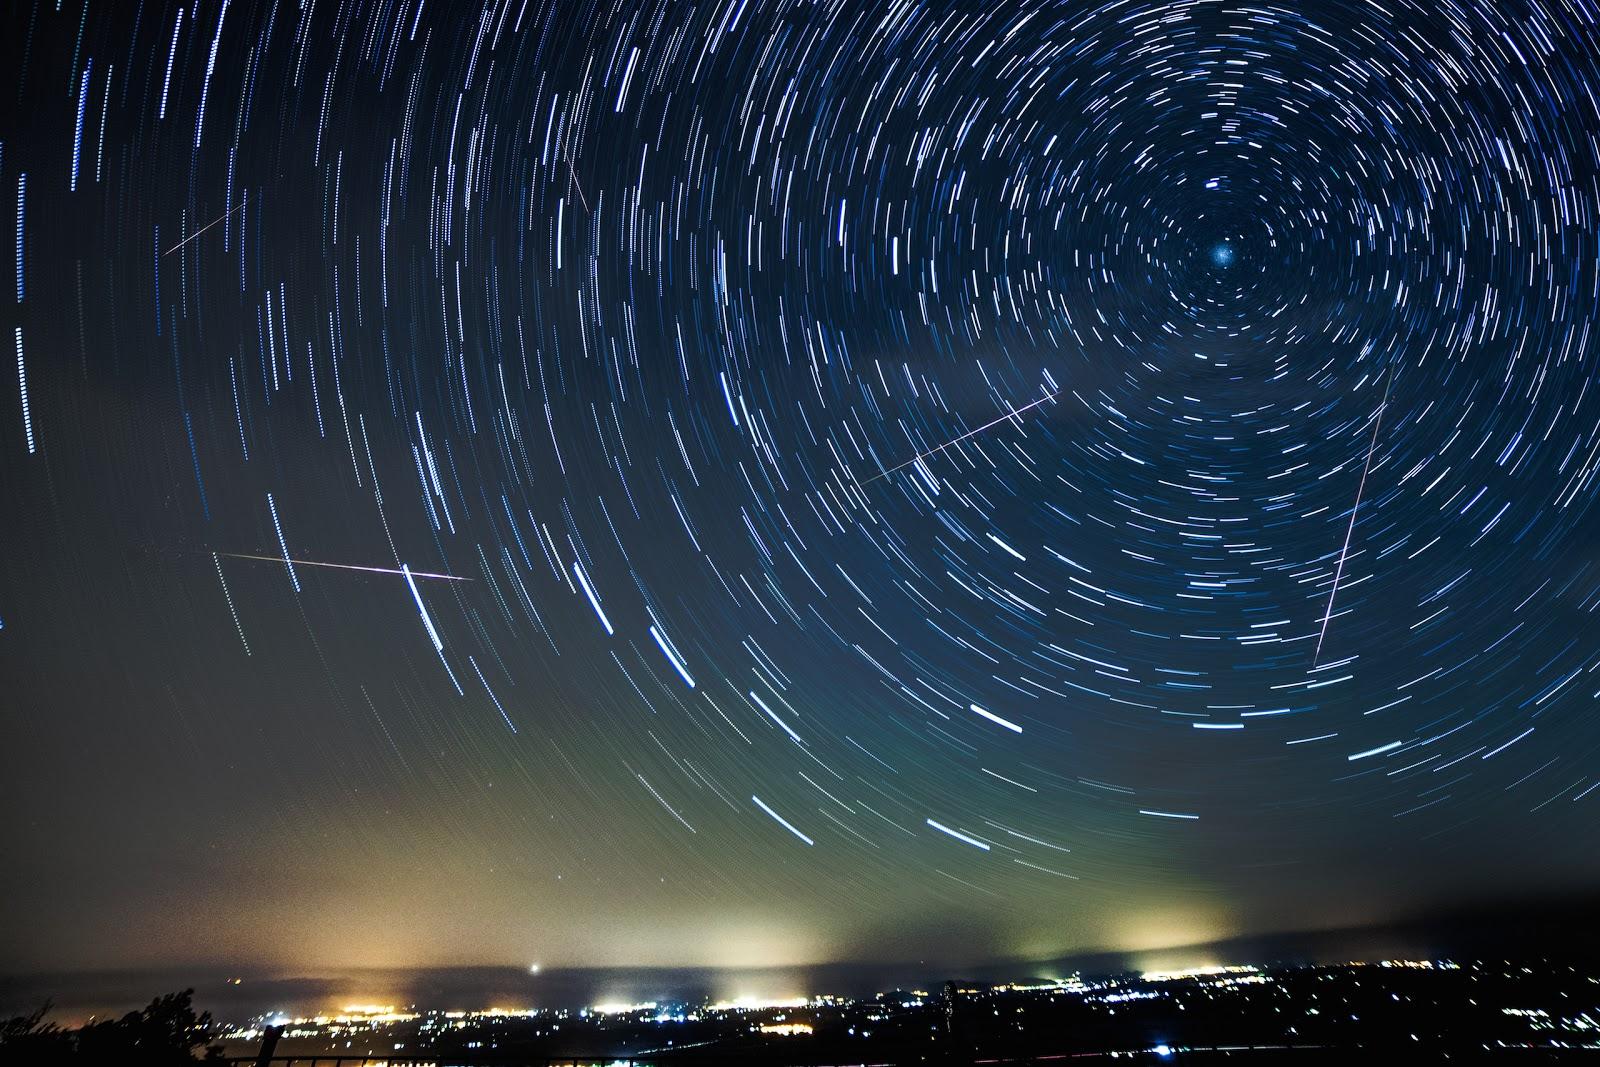 ダイナミックな星空